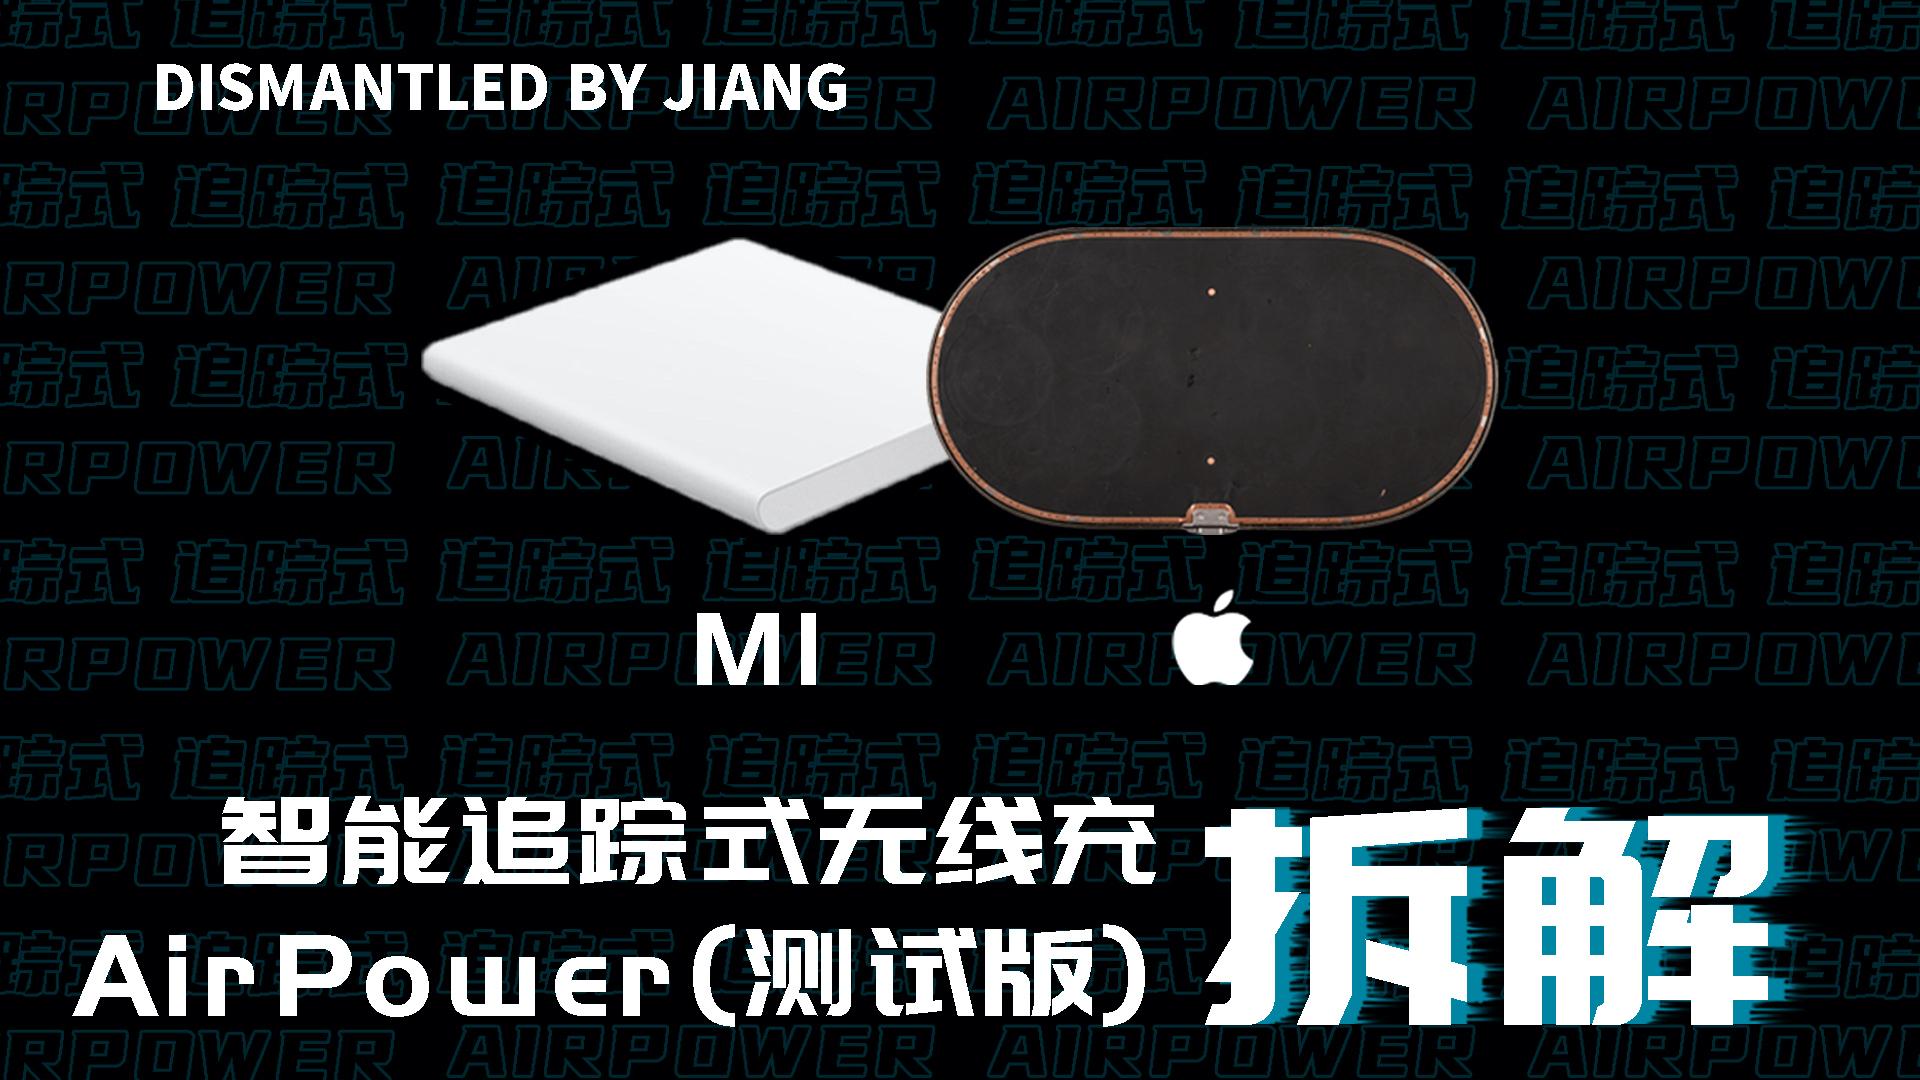 【拆解】AirPower&小米智能追踪式无线充电